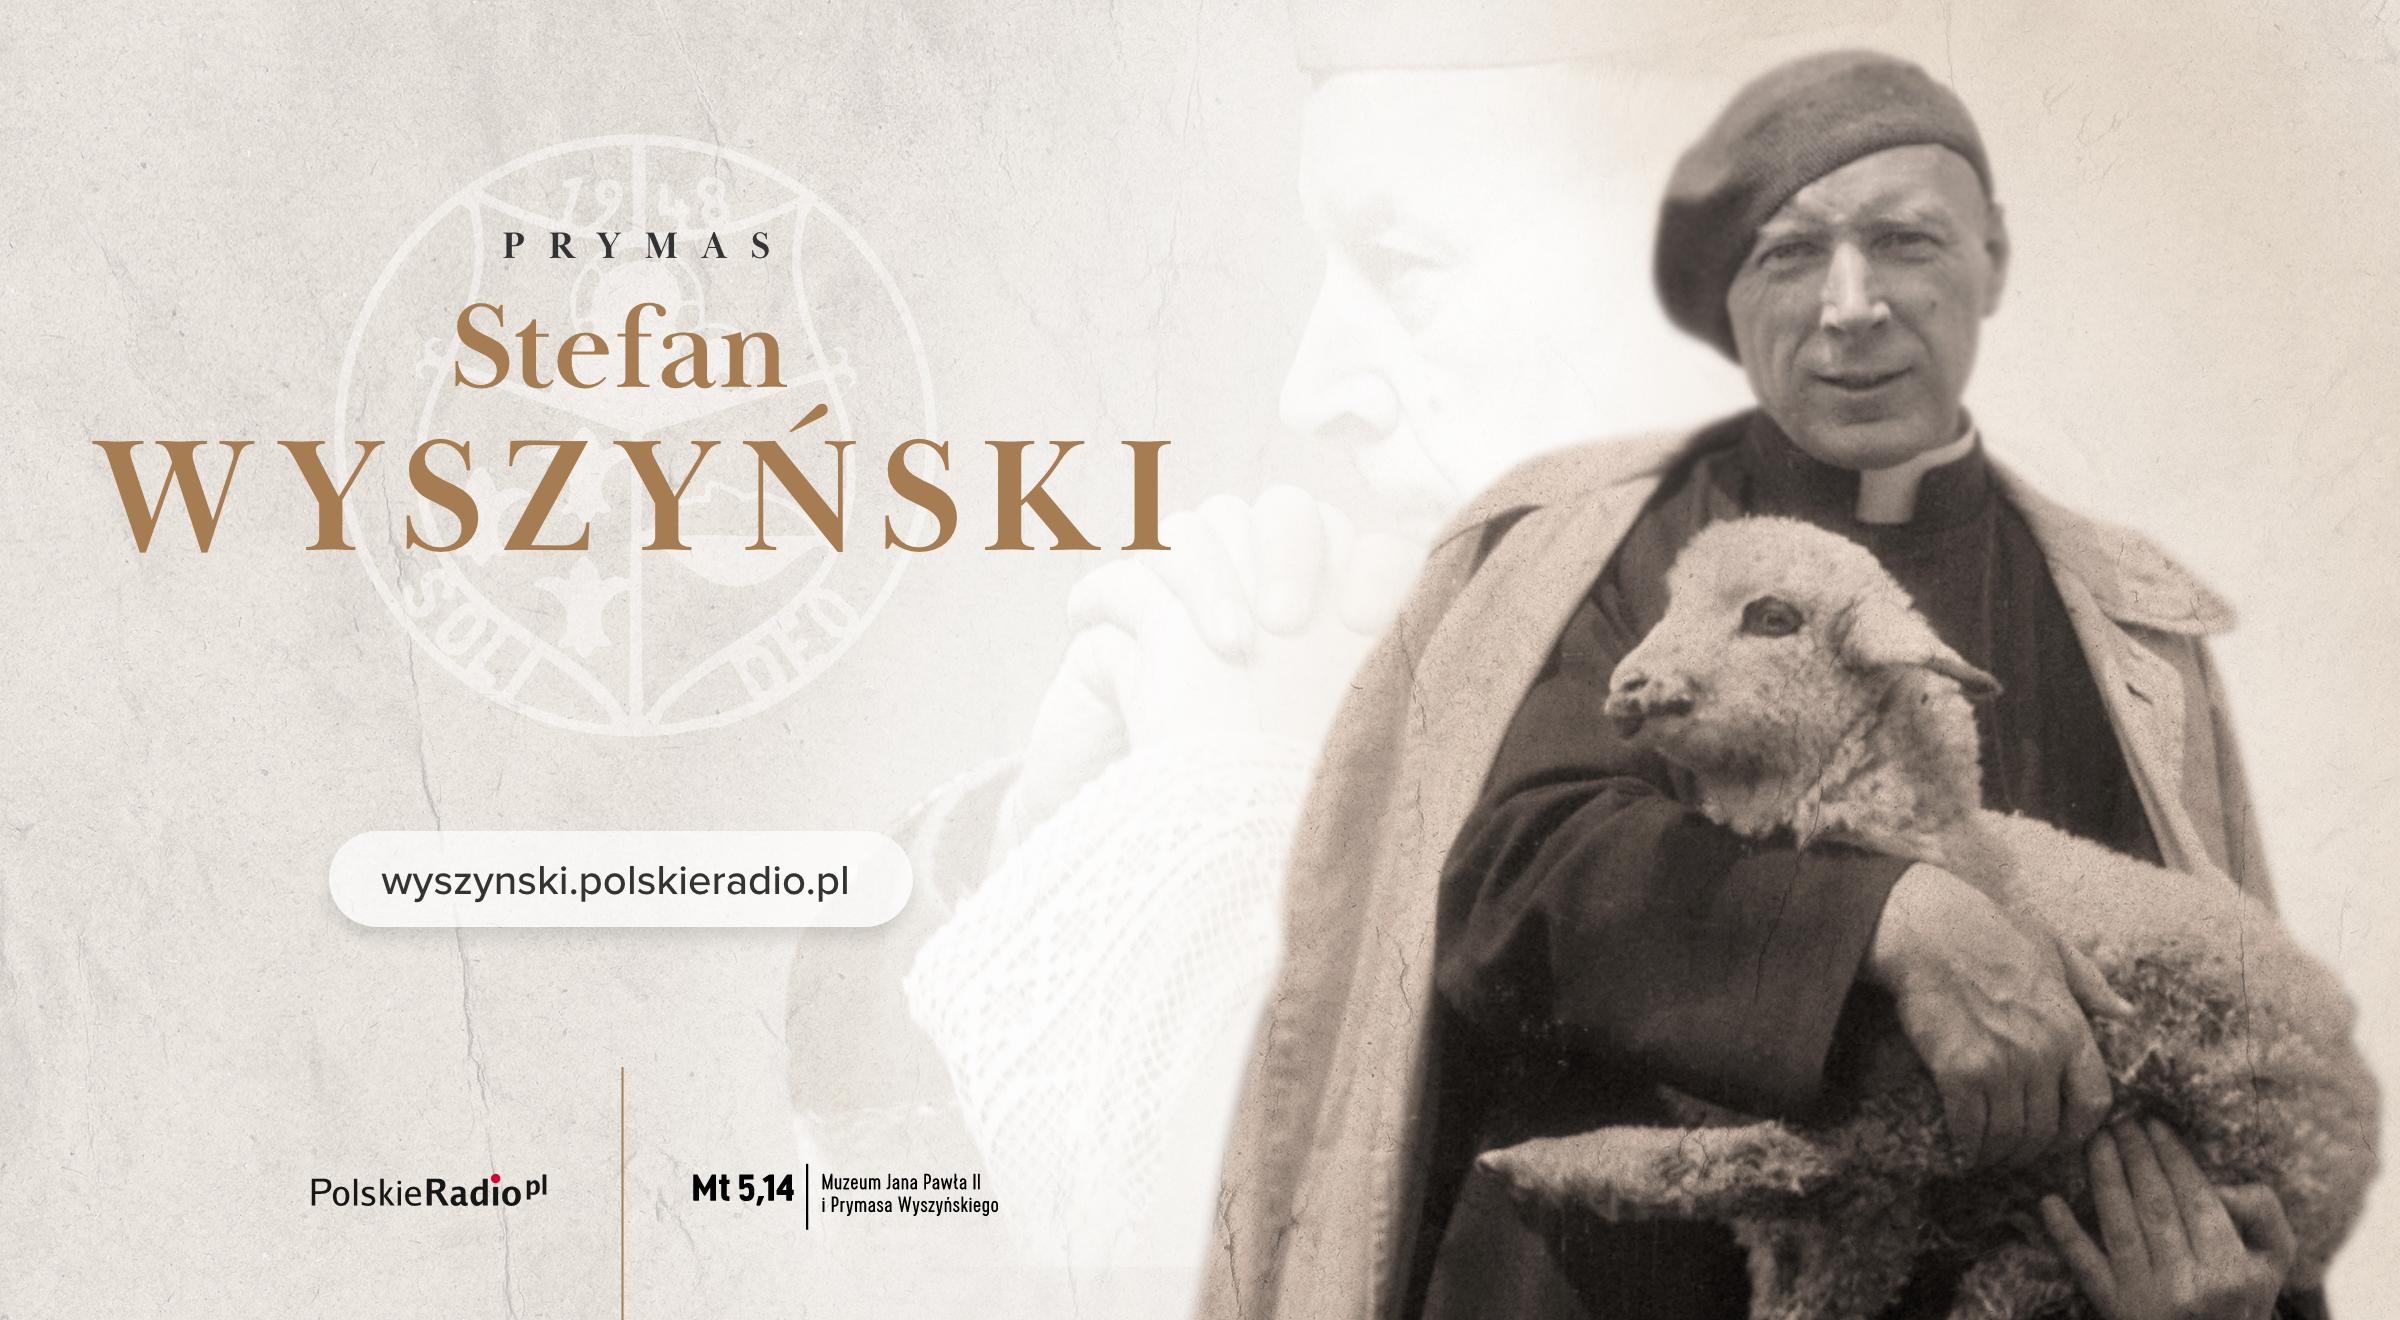 Projekt Wyszyński 1200x660@2_C2@2x.png